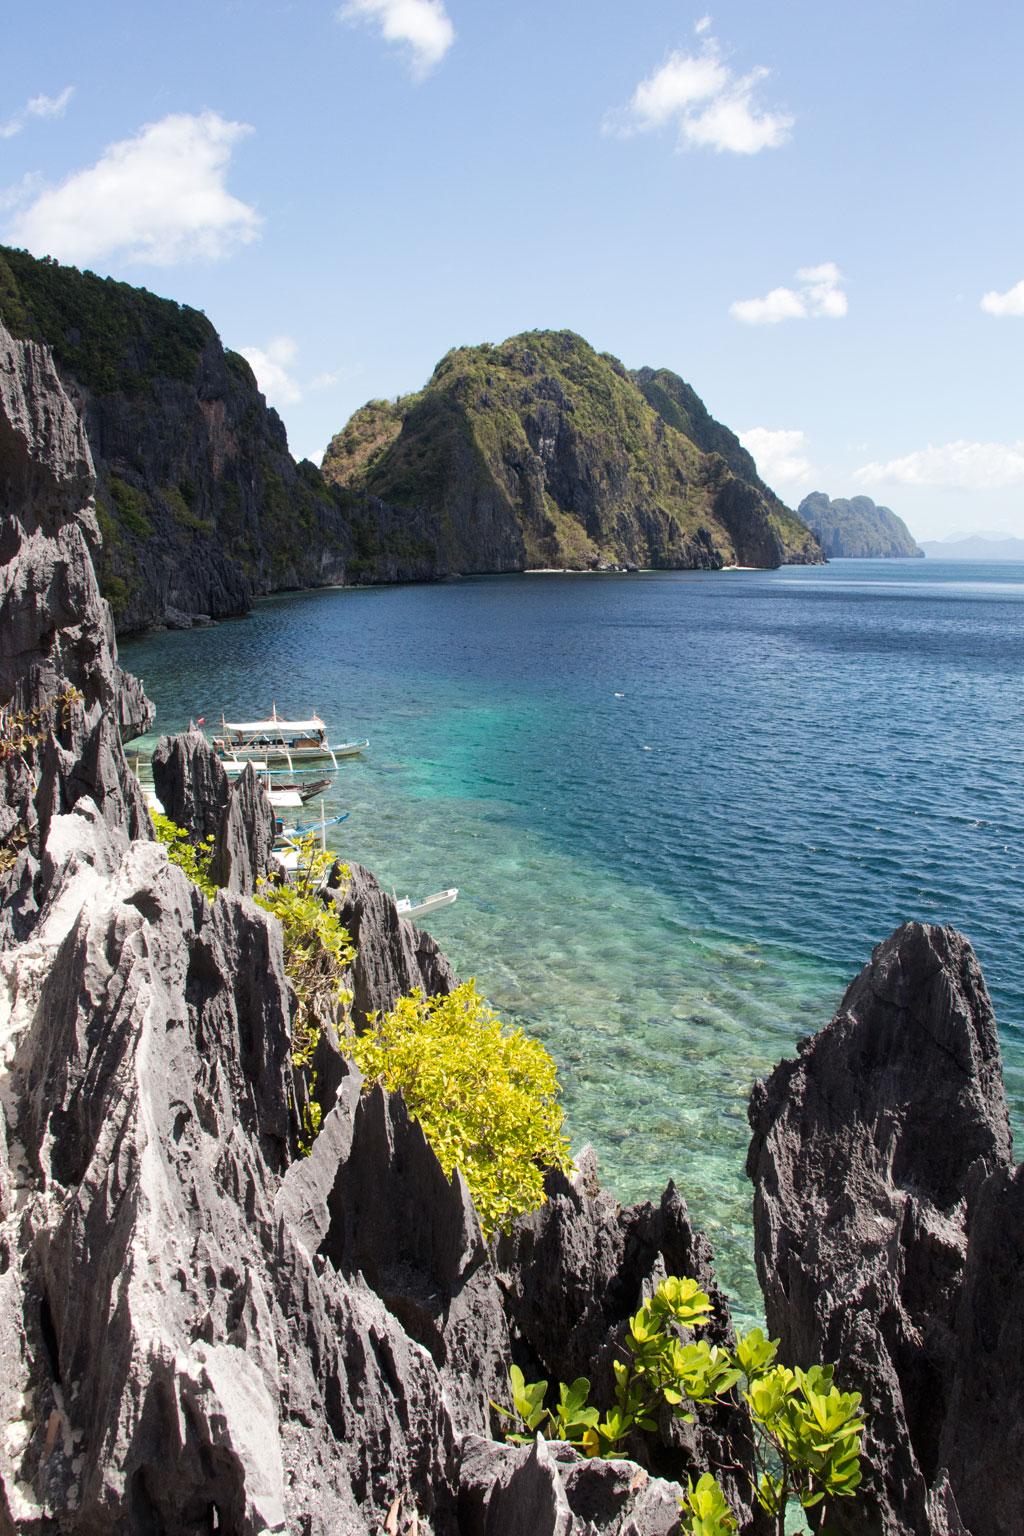 Matinloc Island auf Palawan – Blick auf die Bucht | SOMEWHERE ELSE